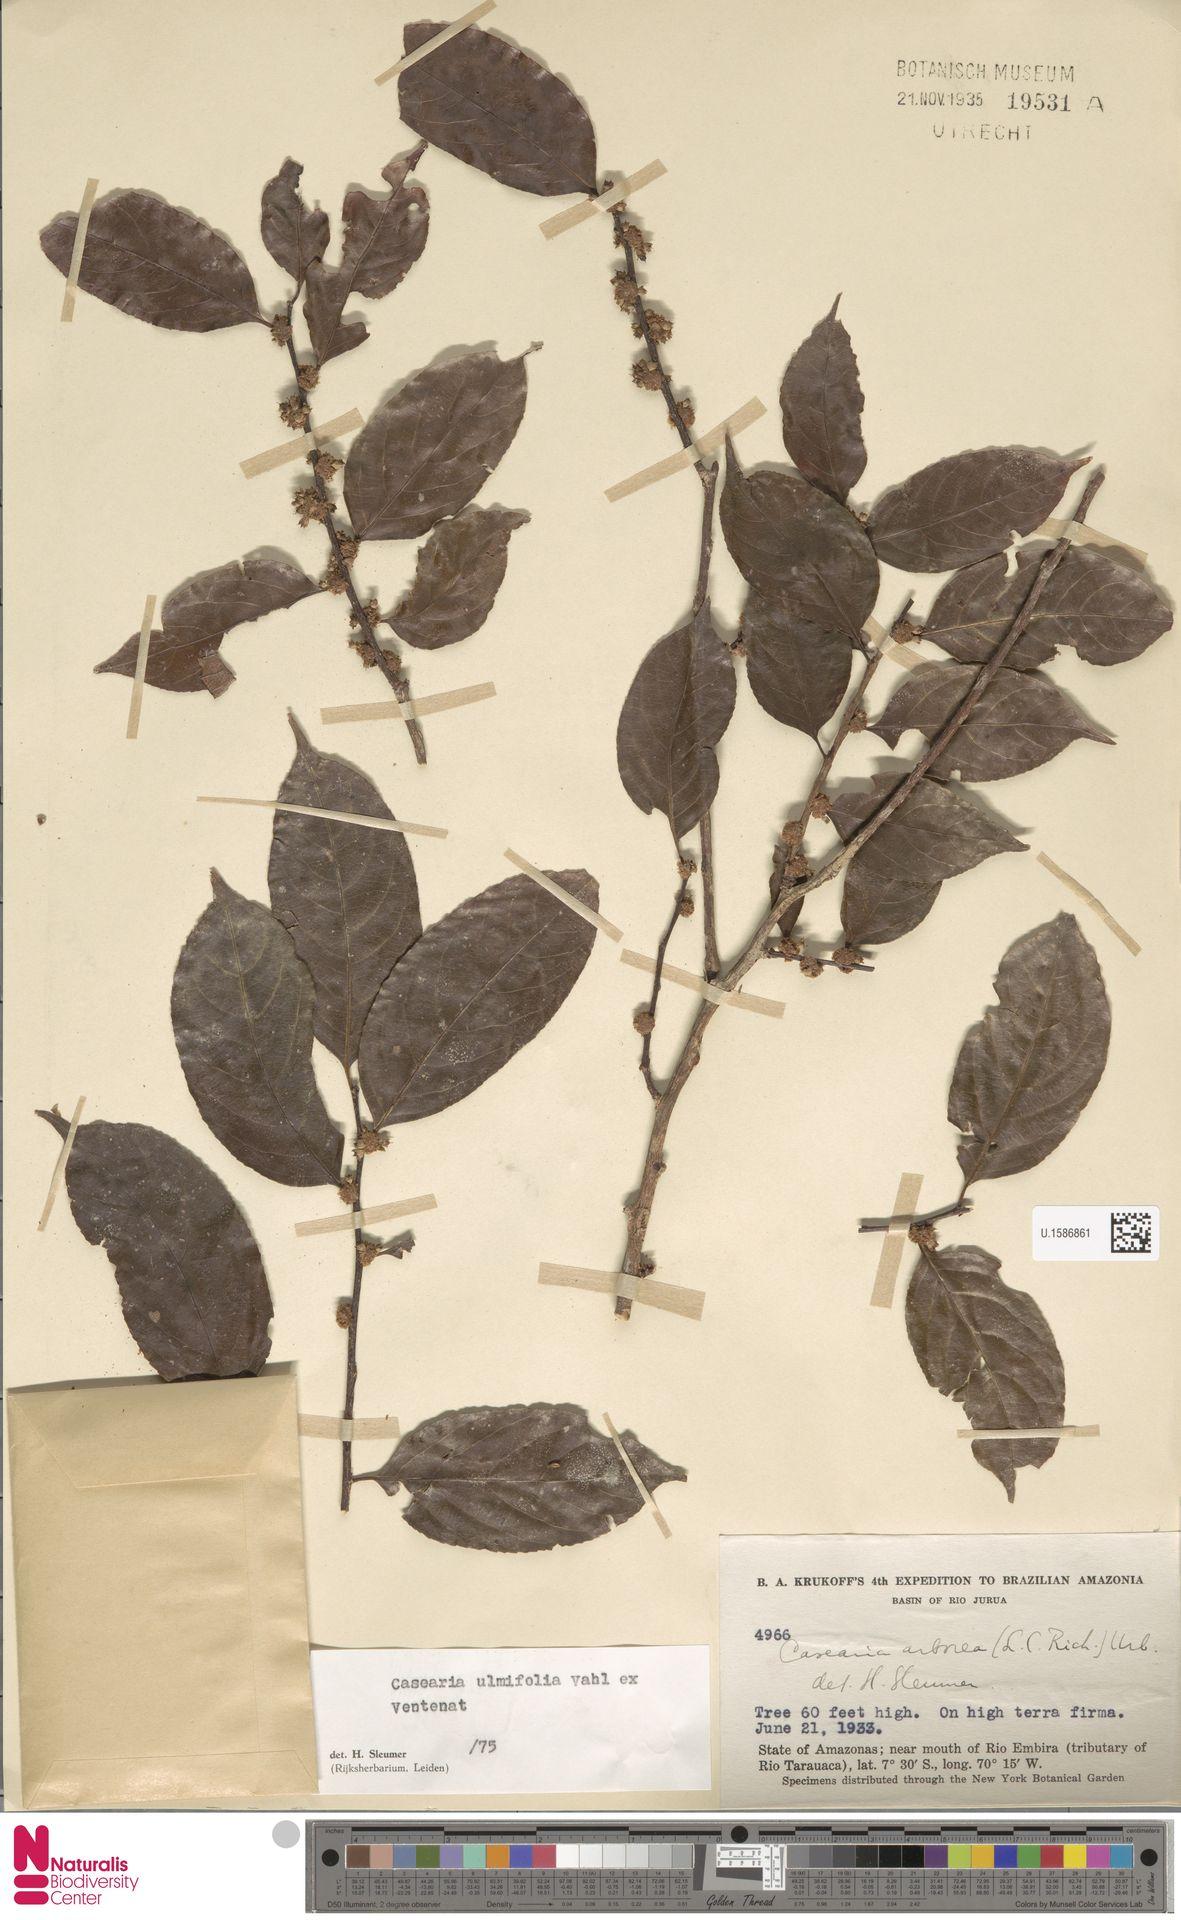 U.1586861 | Casearia ulmifolia Vahl ex Vent.